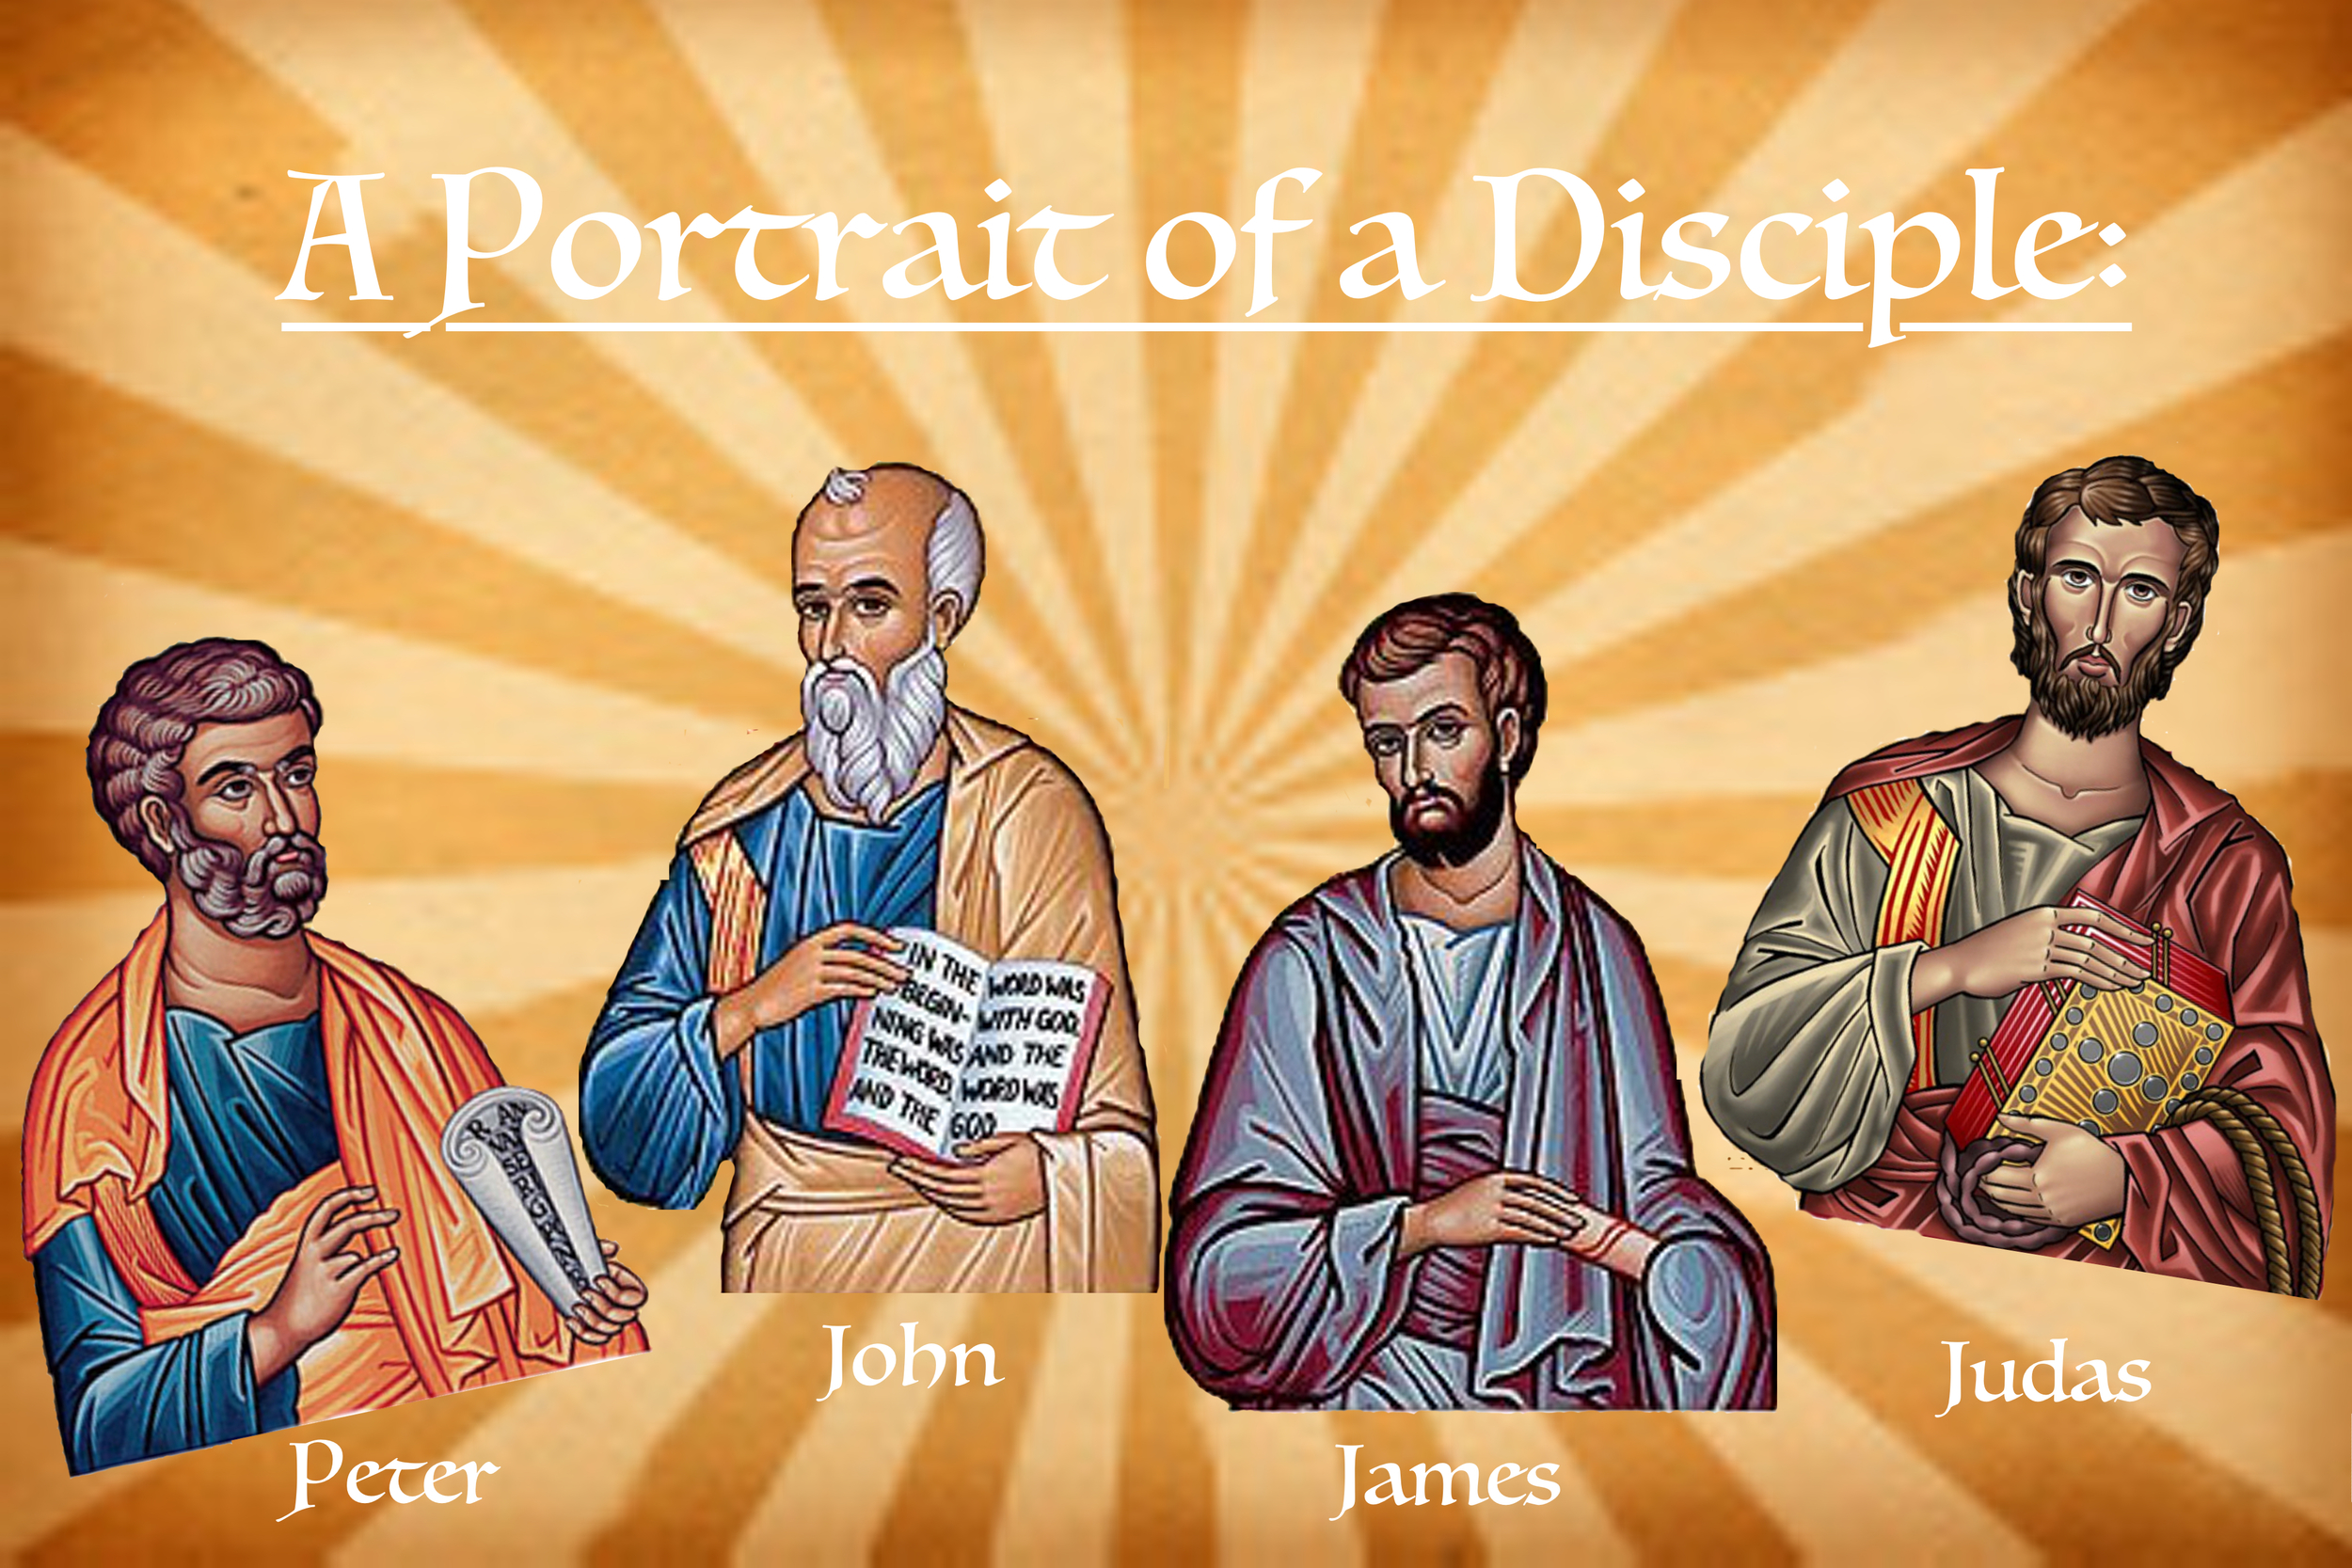 A Portrait of a Disciple